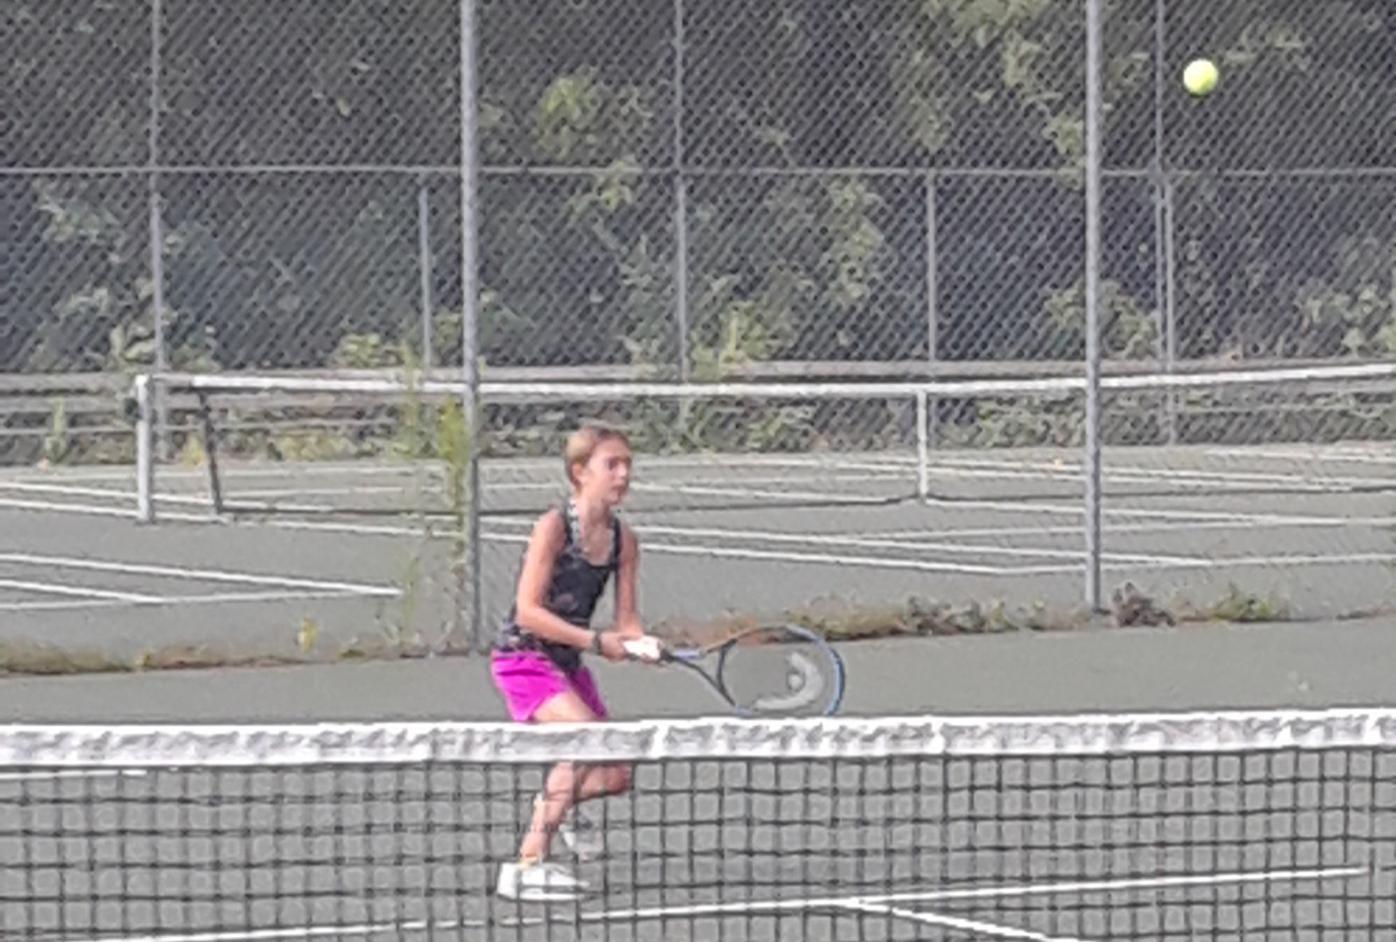 TCU Tennis